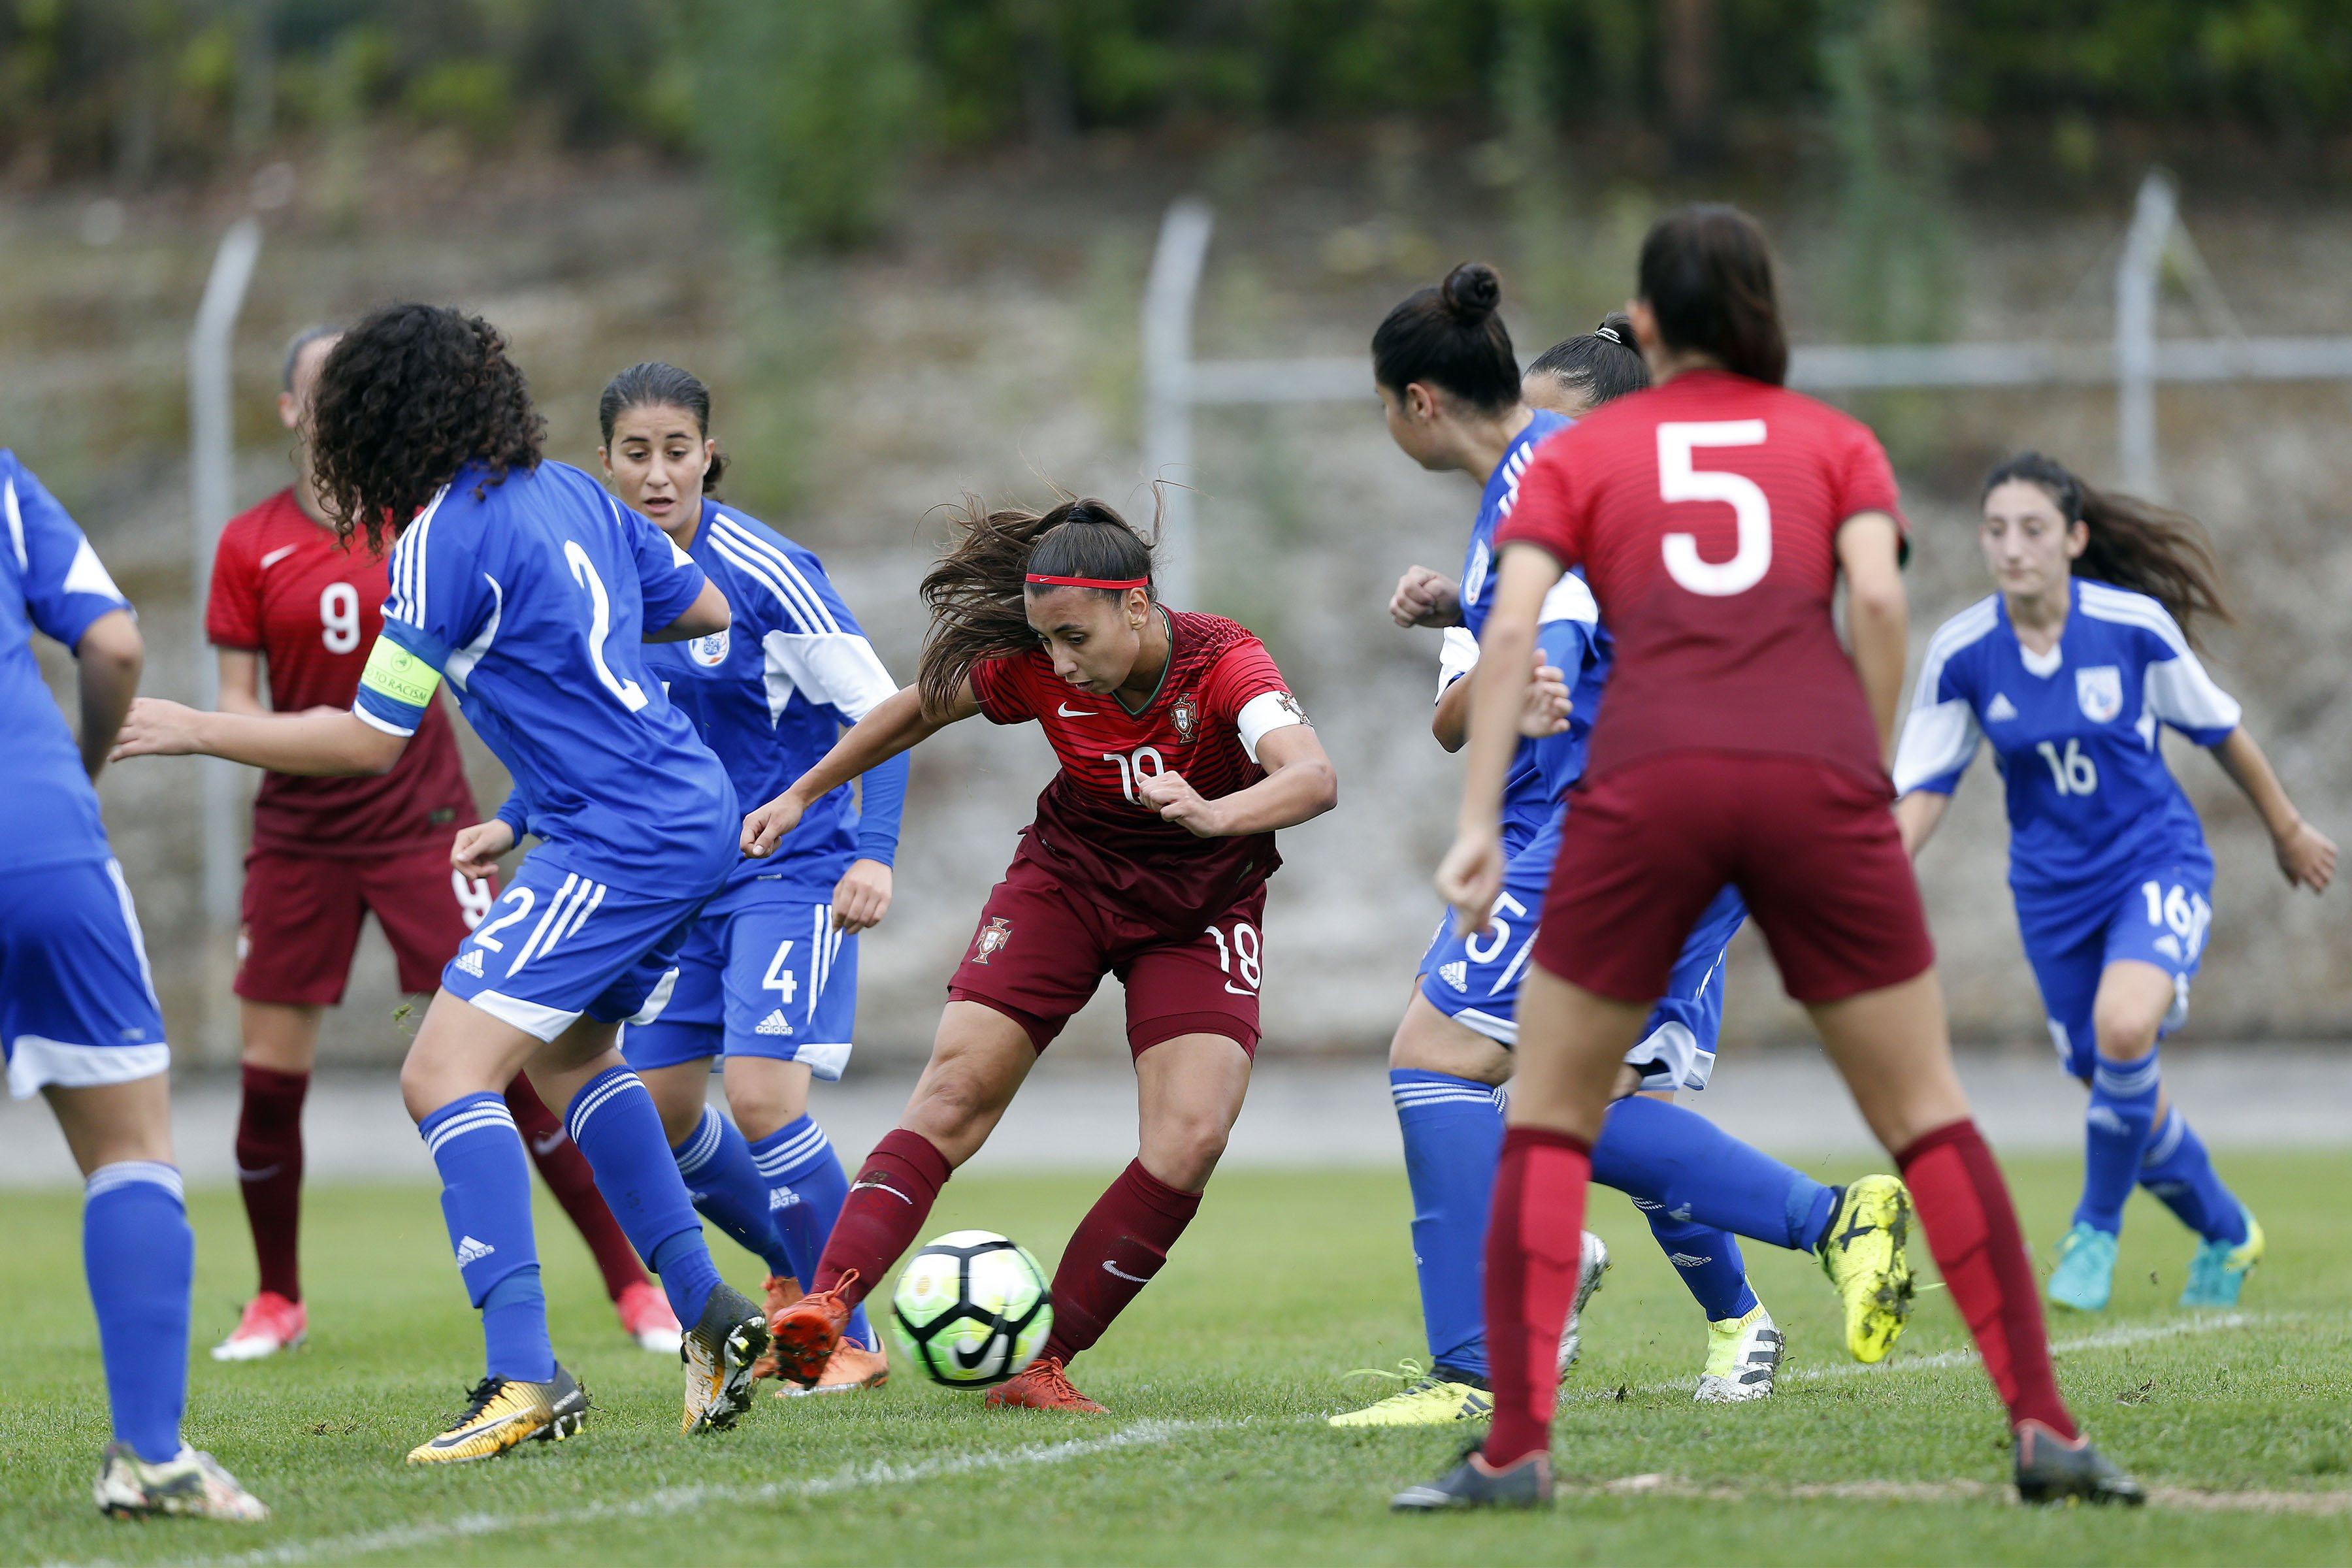 Seleção Sub-19 - Futebol Feminino  3286675740f83